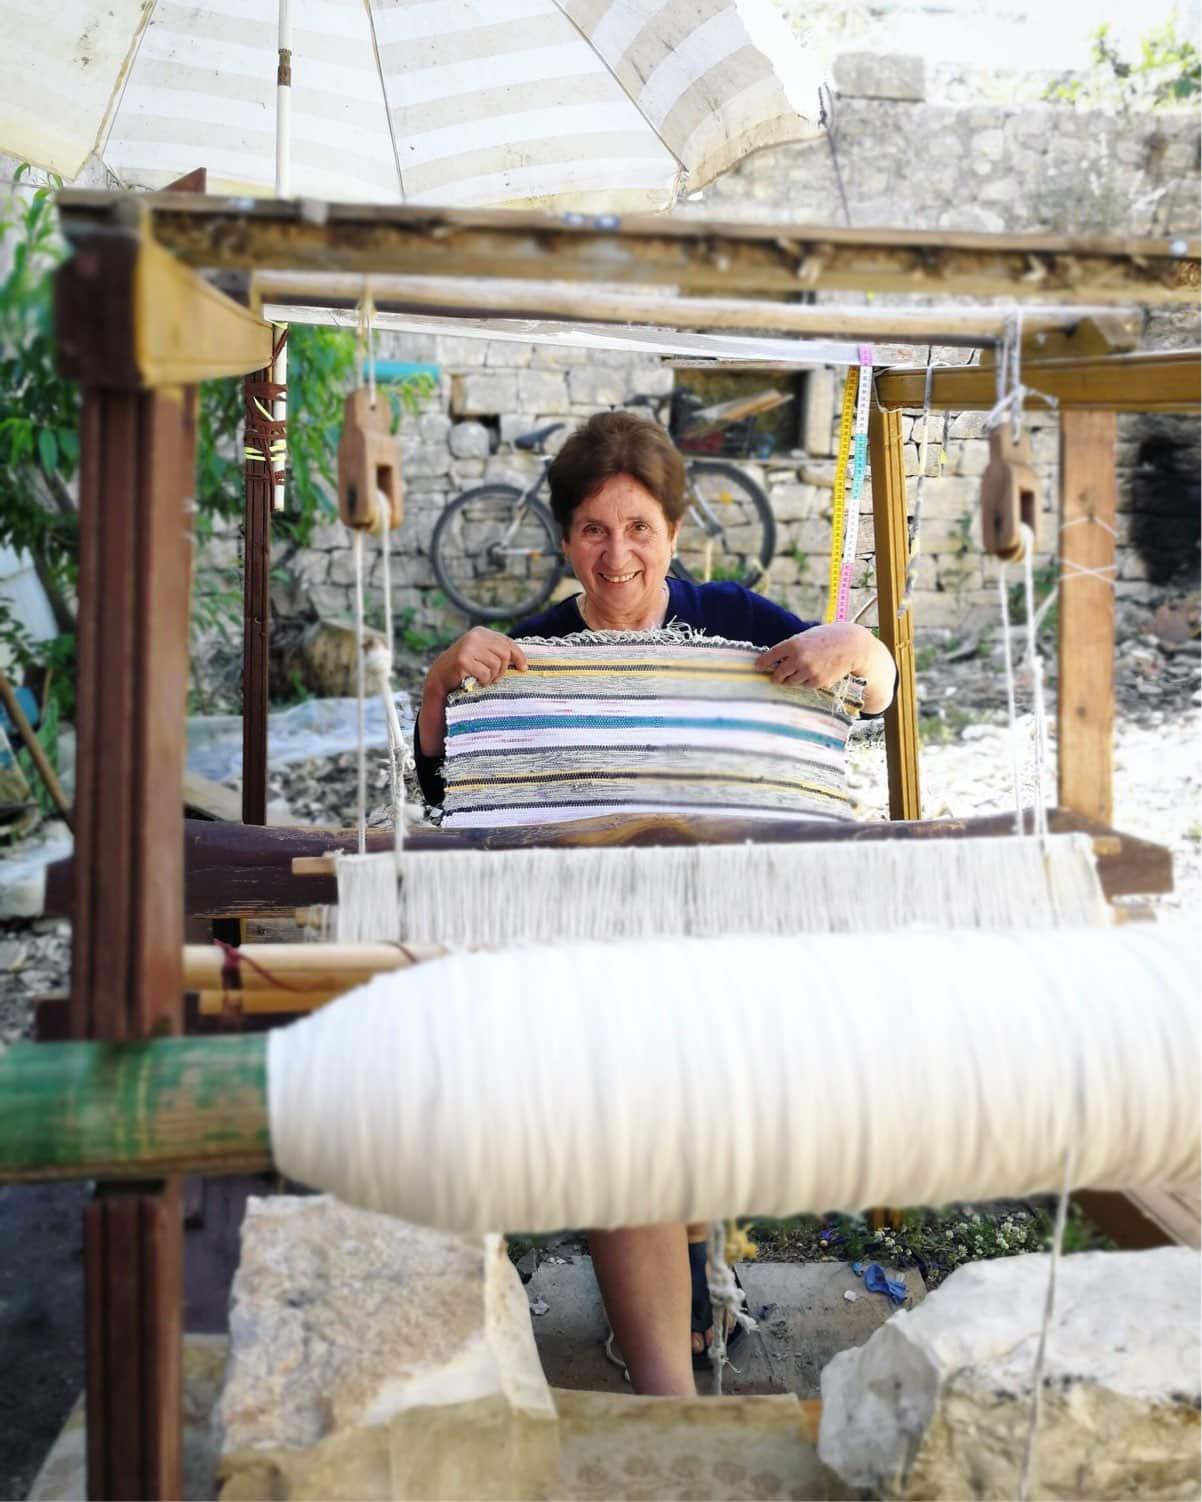 vacanze in Grecia tradizioni